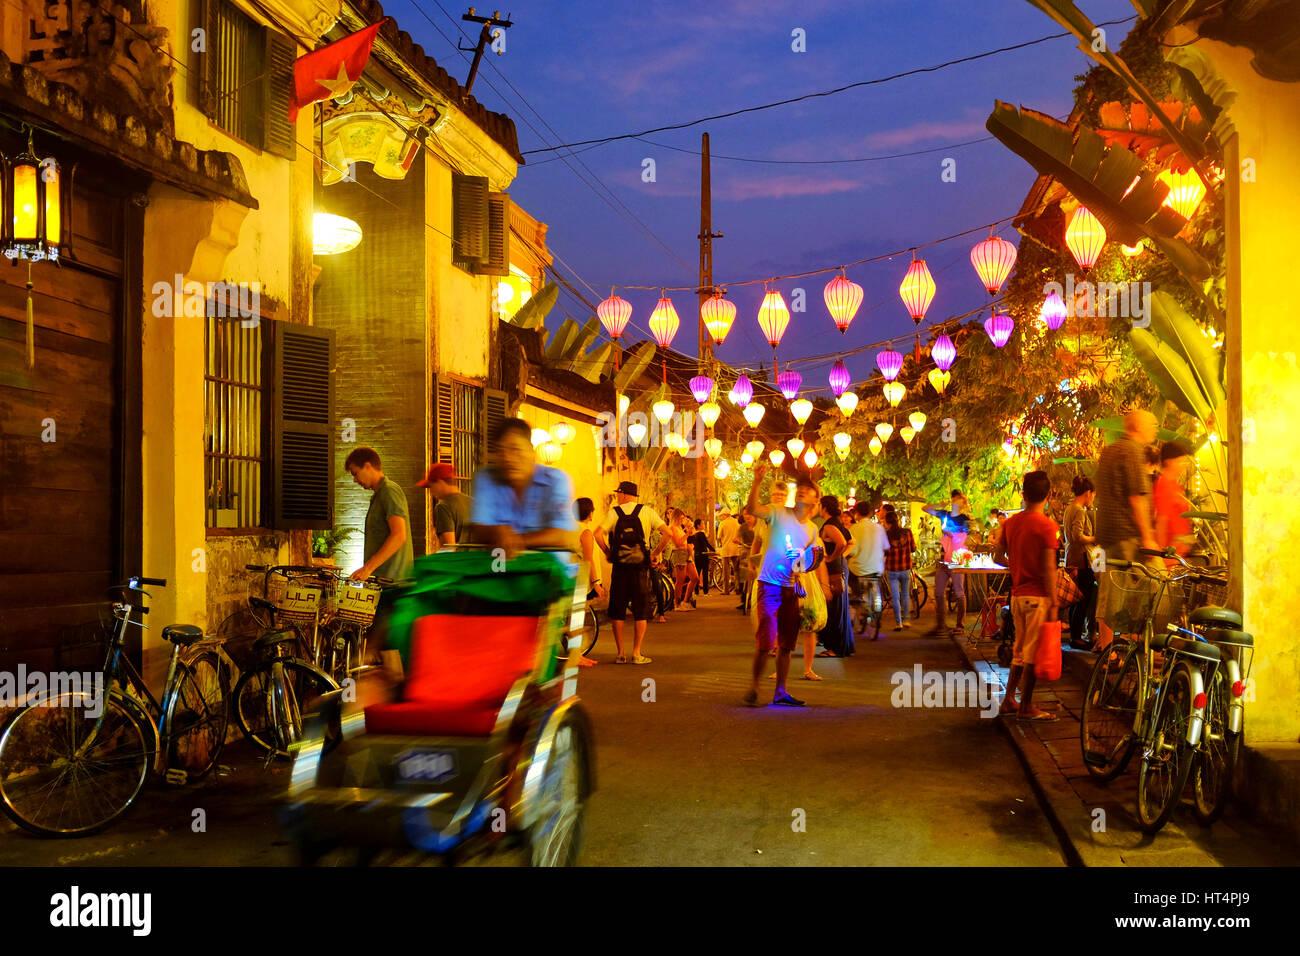 Los lugareños y turistas en la calle Tran Phu durante la noche, Hoi An, Vietnam Imagen De Stock